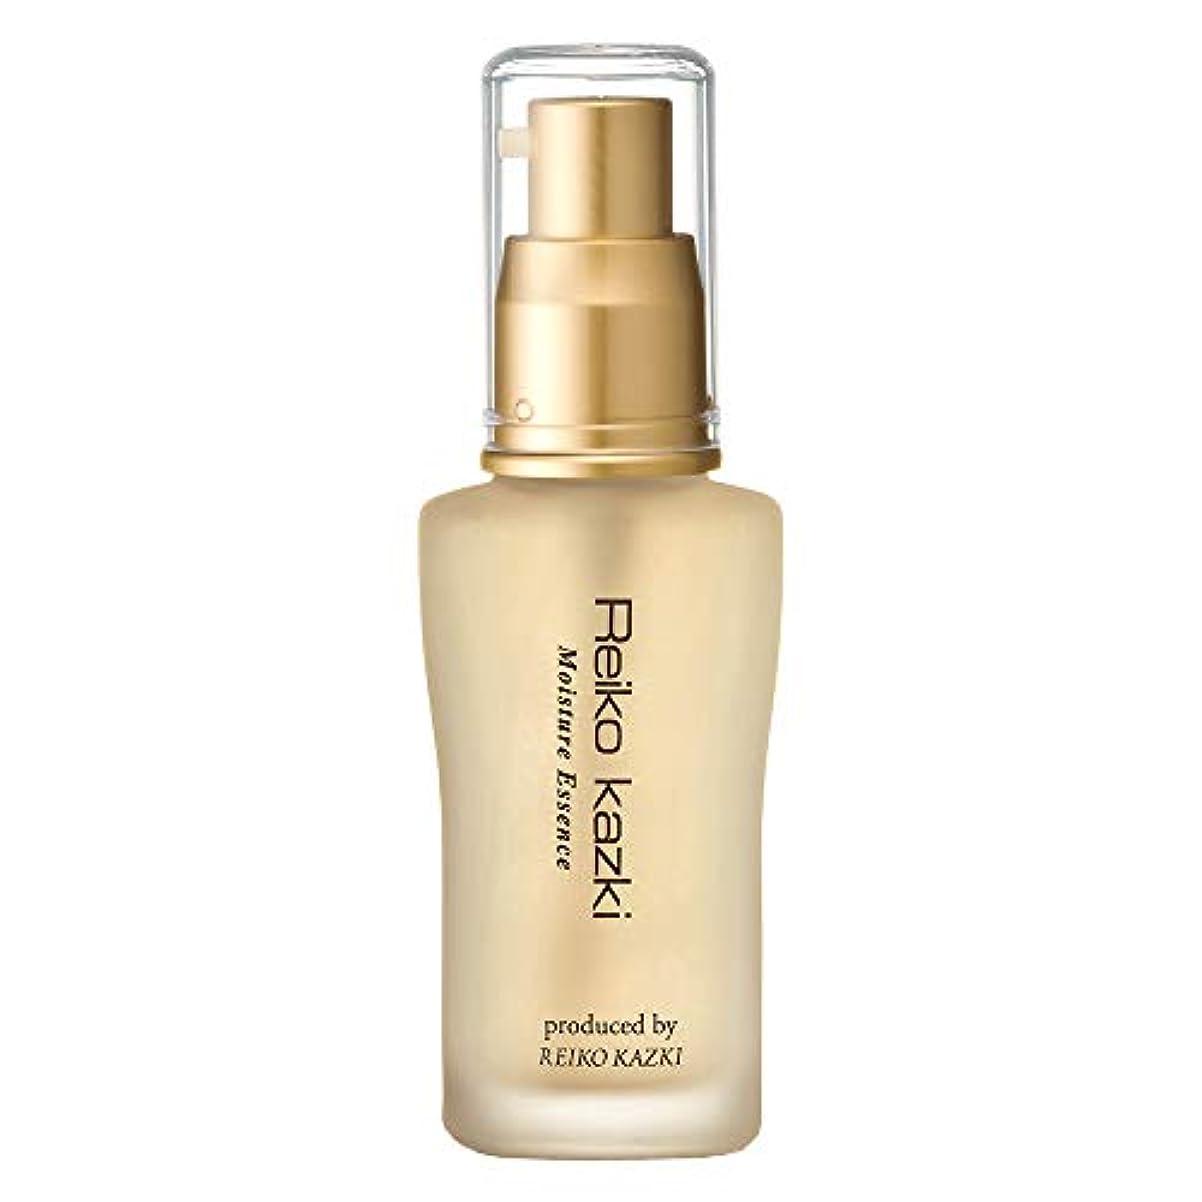 ポルティコエイリアン宿るかづきれいこ 美容液 モイスチャーエッセンス 30mL 和漢植物エキス配合で、肌本来の健康を保つ美容液。かづきマッサージに欠かせないロングセラーアイテム。